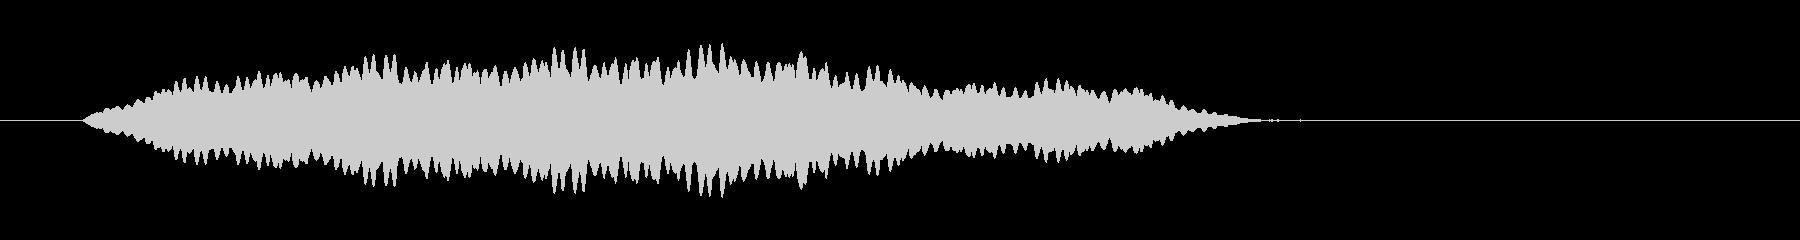 フィ~ンとUFOが回転しながら浮遊する音の未再生の波形